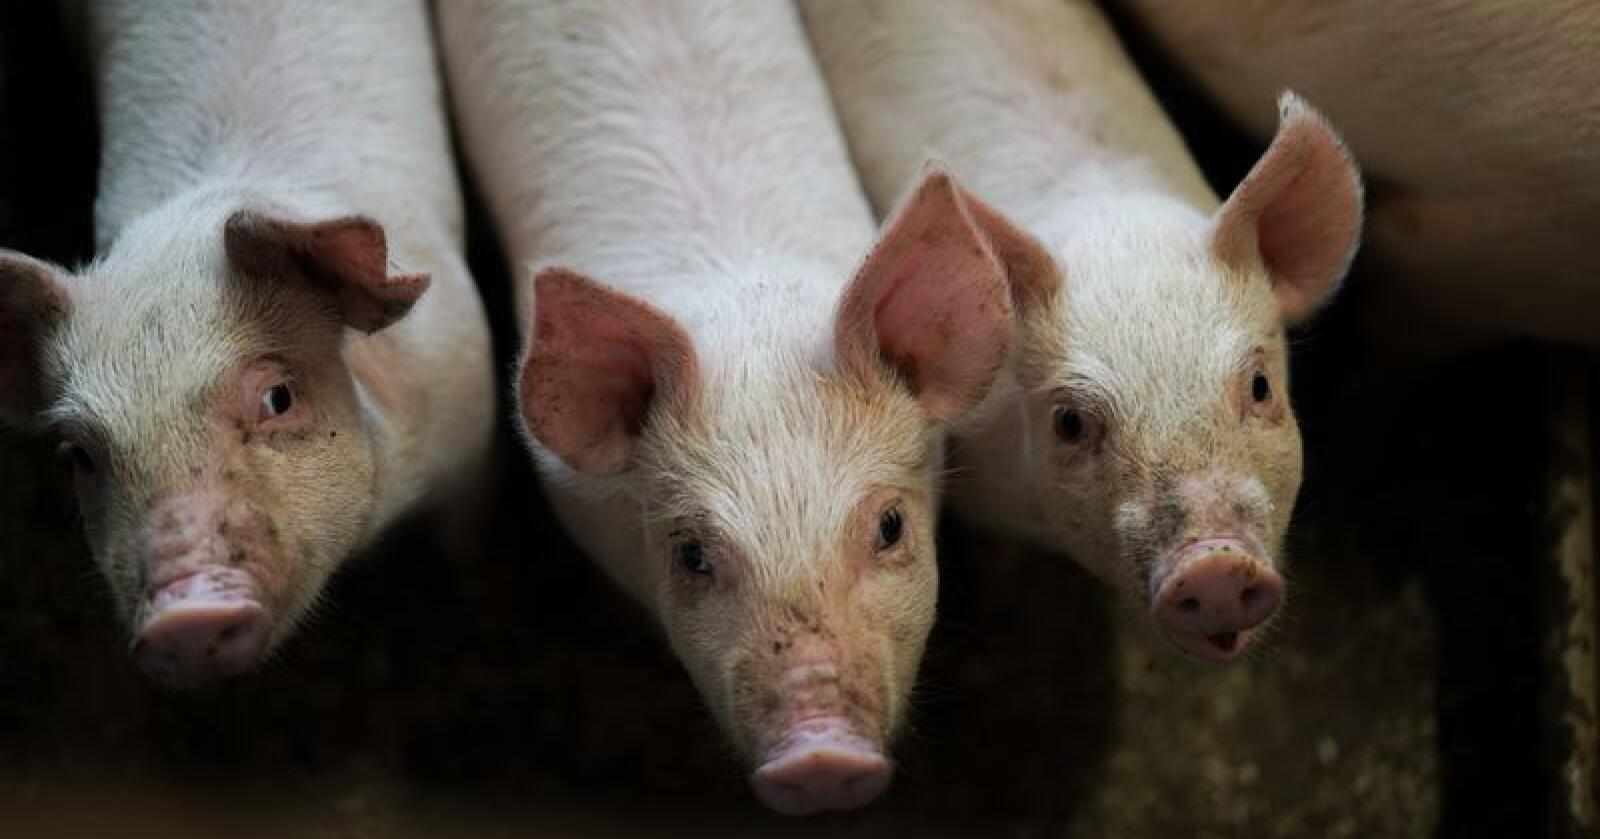 I juni sendte NRK dokumentaren «Griseindustriens hemmeligheter» som avdekket omfattende lov- og regelbrudd i grisehus og slakterier. Grisene på dette bildet har det bra. Foto: Bnejamin Hernes Vogl